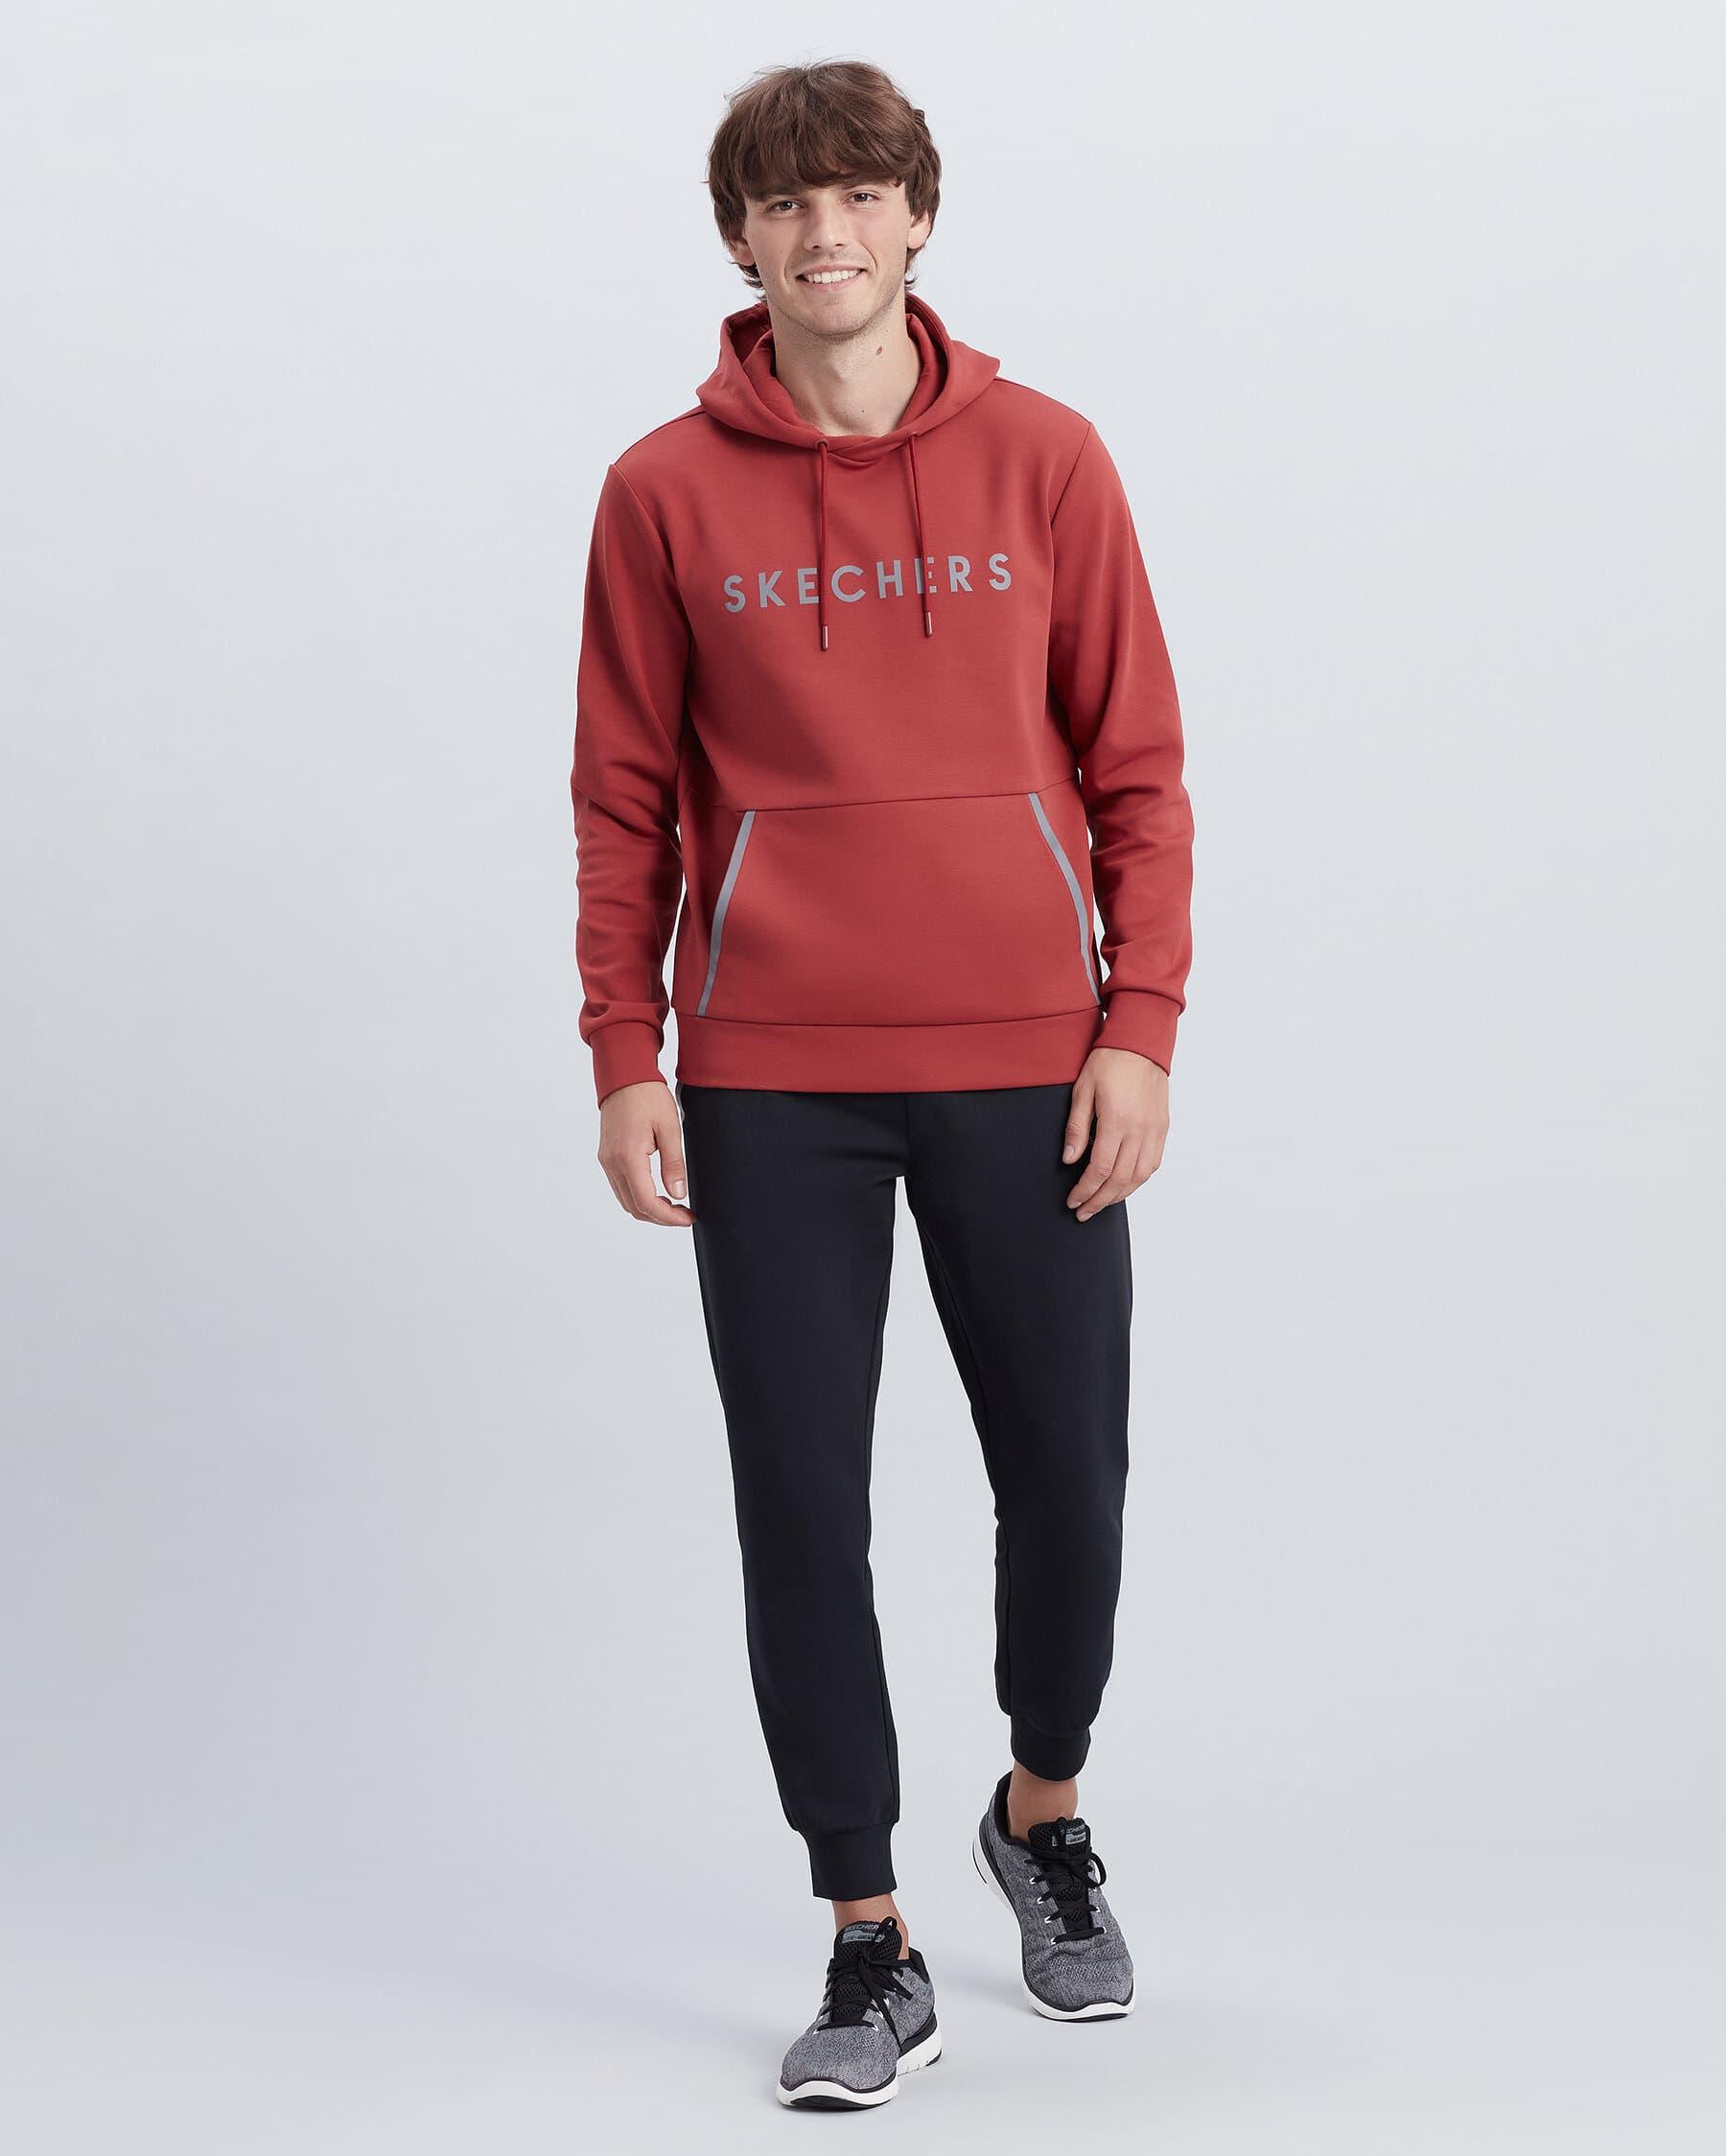 Flexi Erkek Kırmızı Kapüşonlu Sweatshirt (S212254-621)